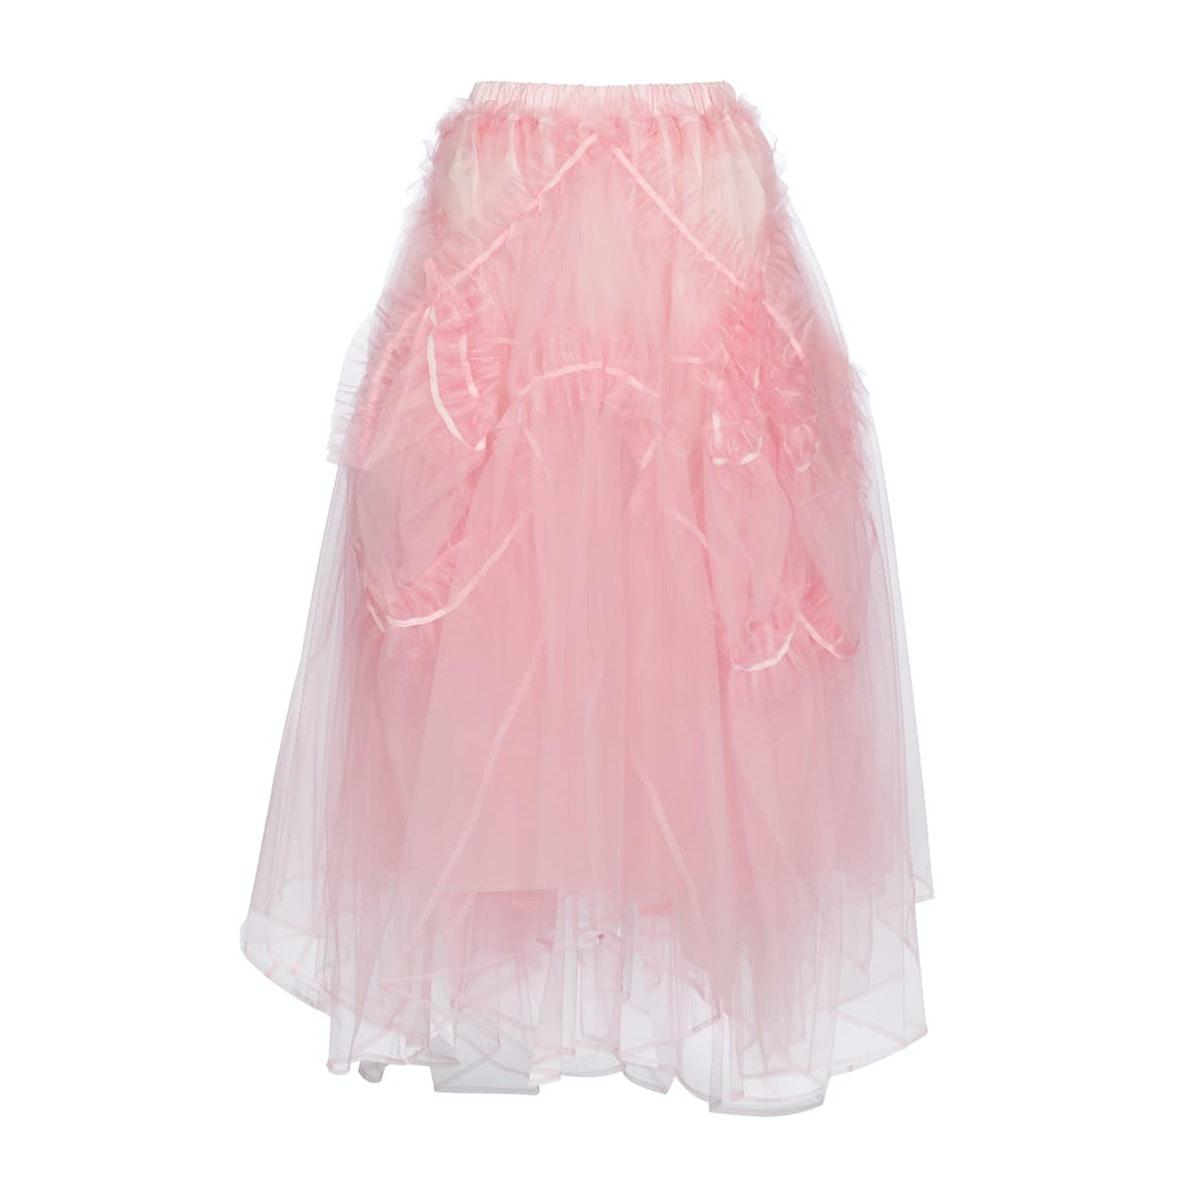 Noir Kei Ninomiya Ruffle Trimmed Tulle Midi Skirt